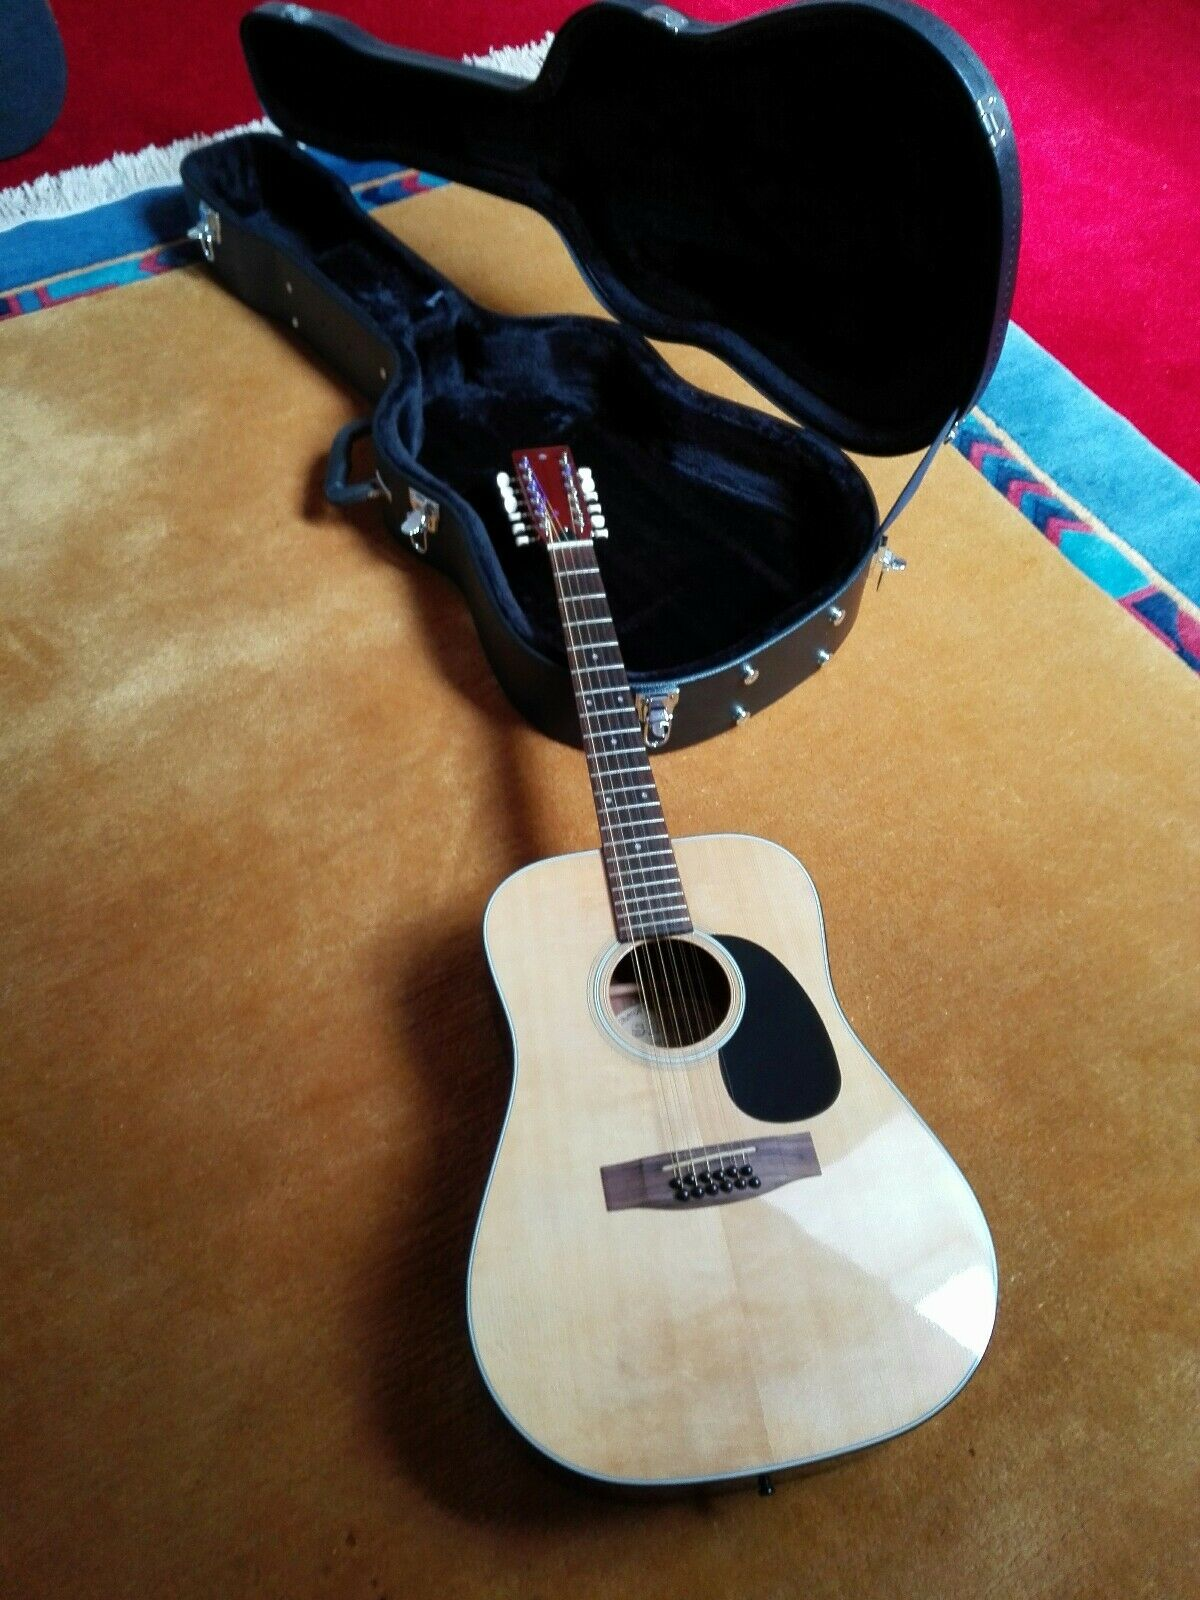 Vintage-Westerngitarre Shiro 12-saitig Rarität  - sehr guter Zustand